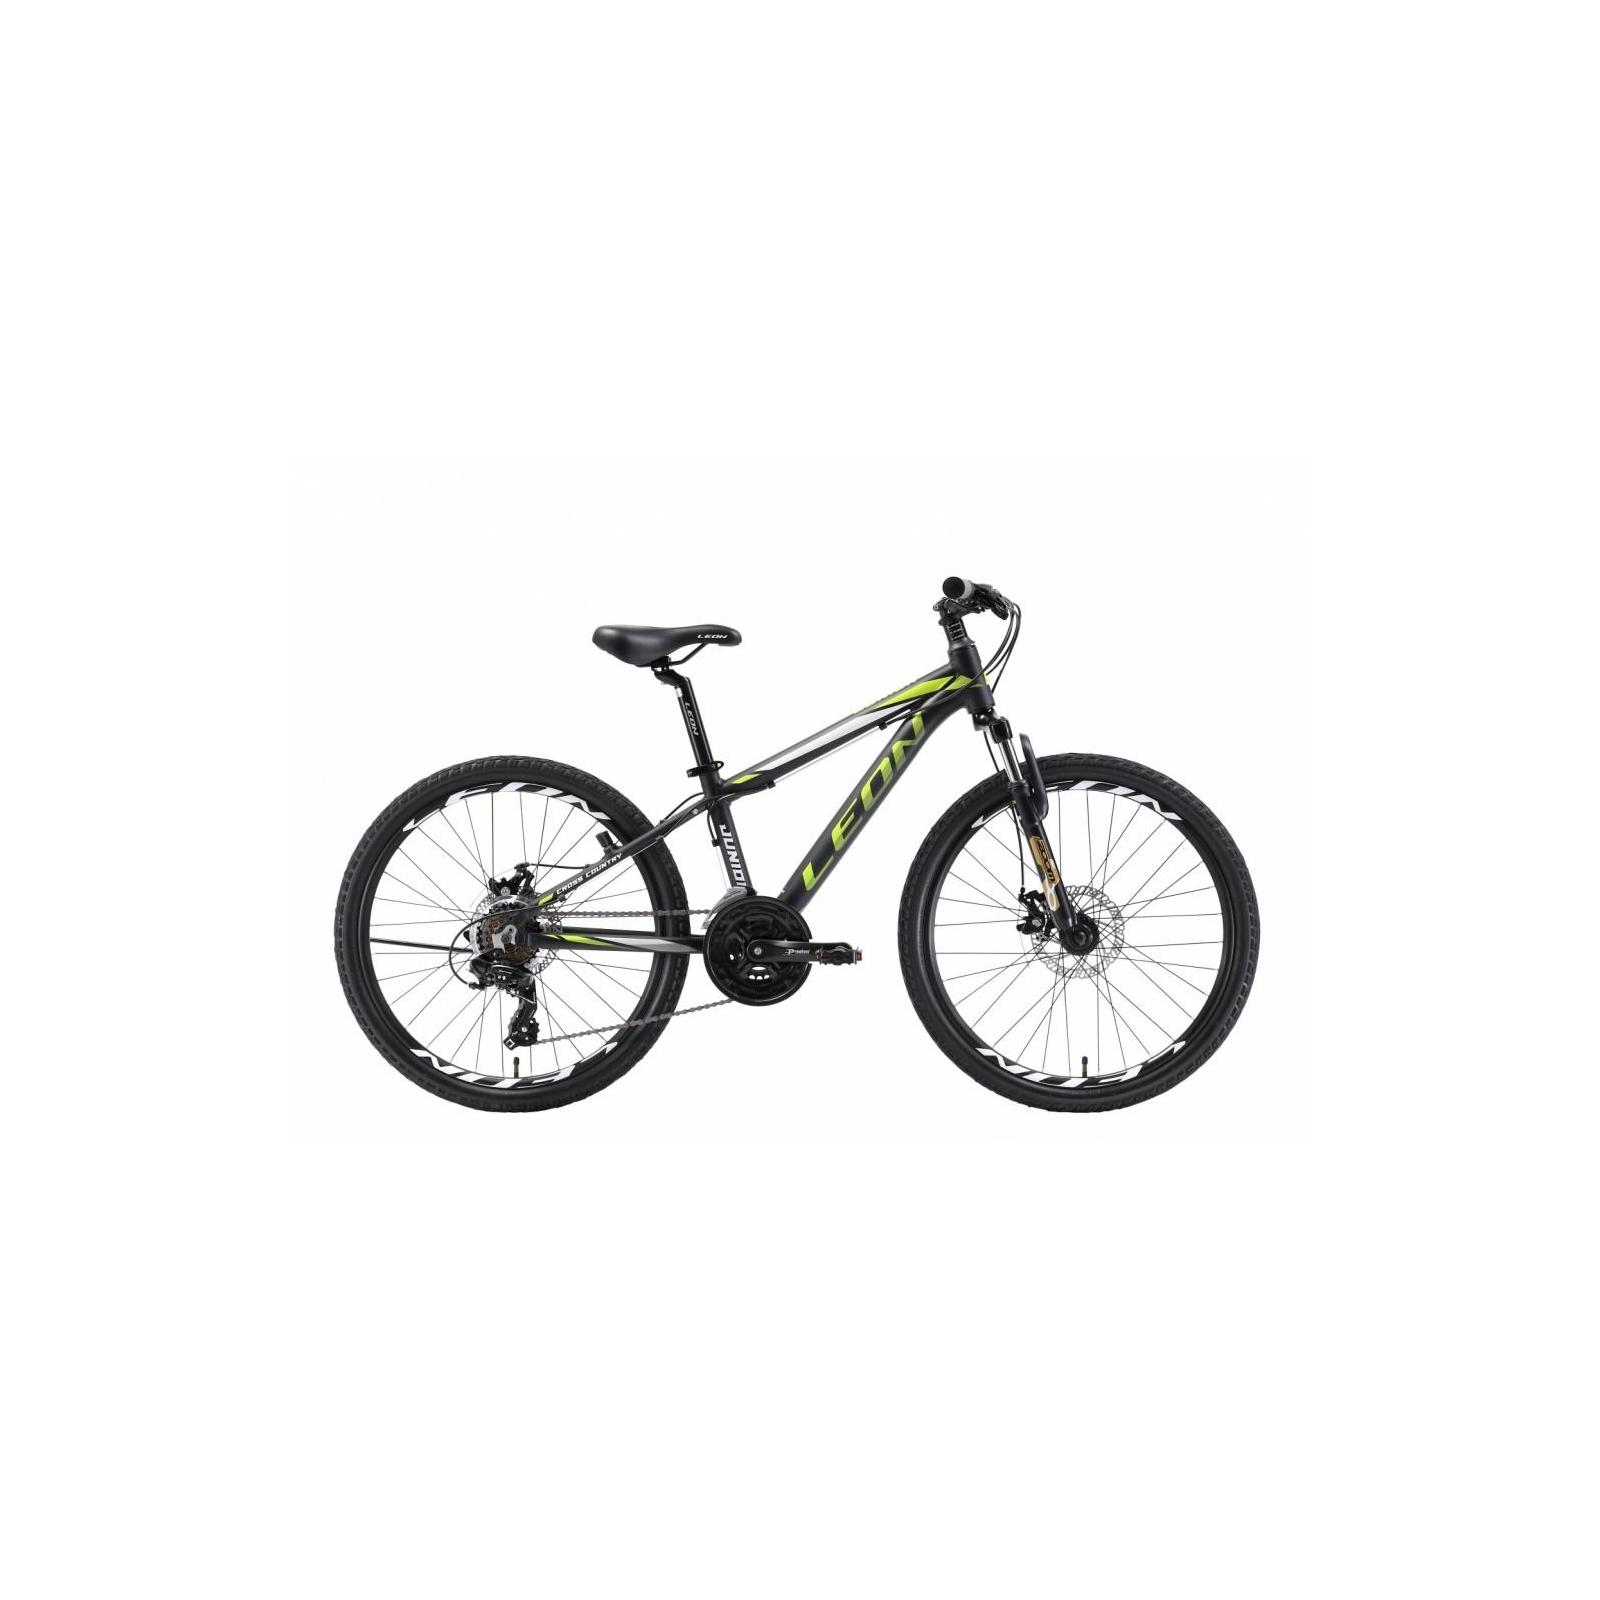 """Велосипед Leon 24"""" JUNIOR 2018 AM 14G DD рама-12,5"""" Al черно-салатовый (OPS-LN-24-011)"""